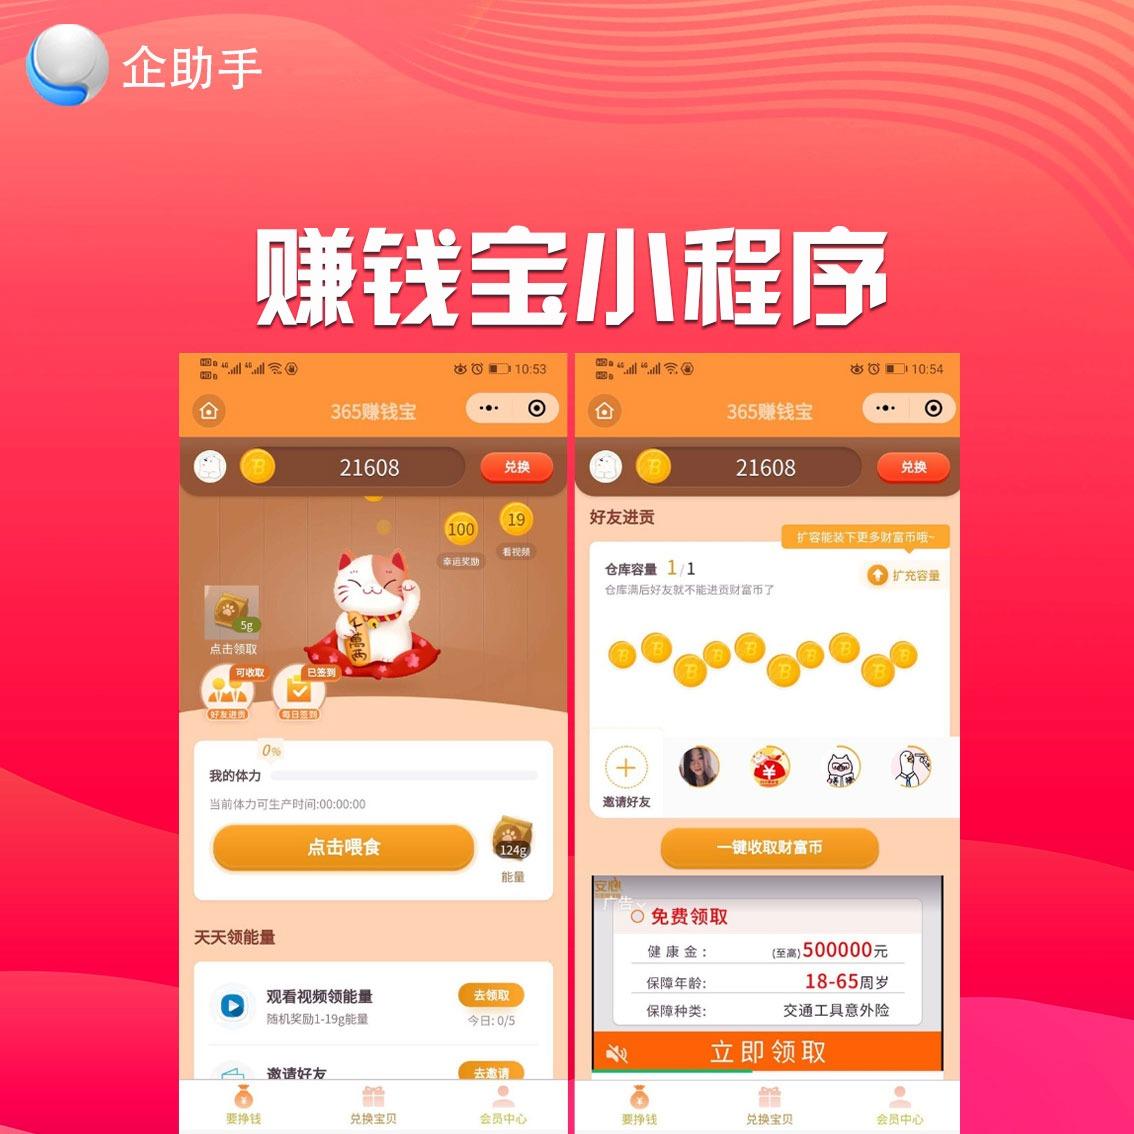 微信赚钱宝广告推广盈利引流多多进宝返金币换礼品营销小程序